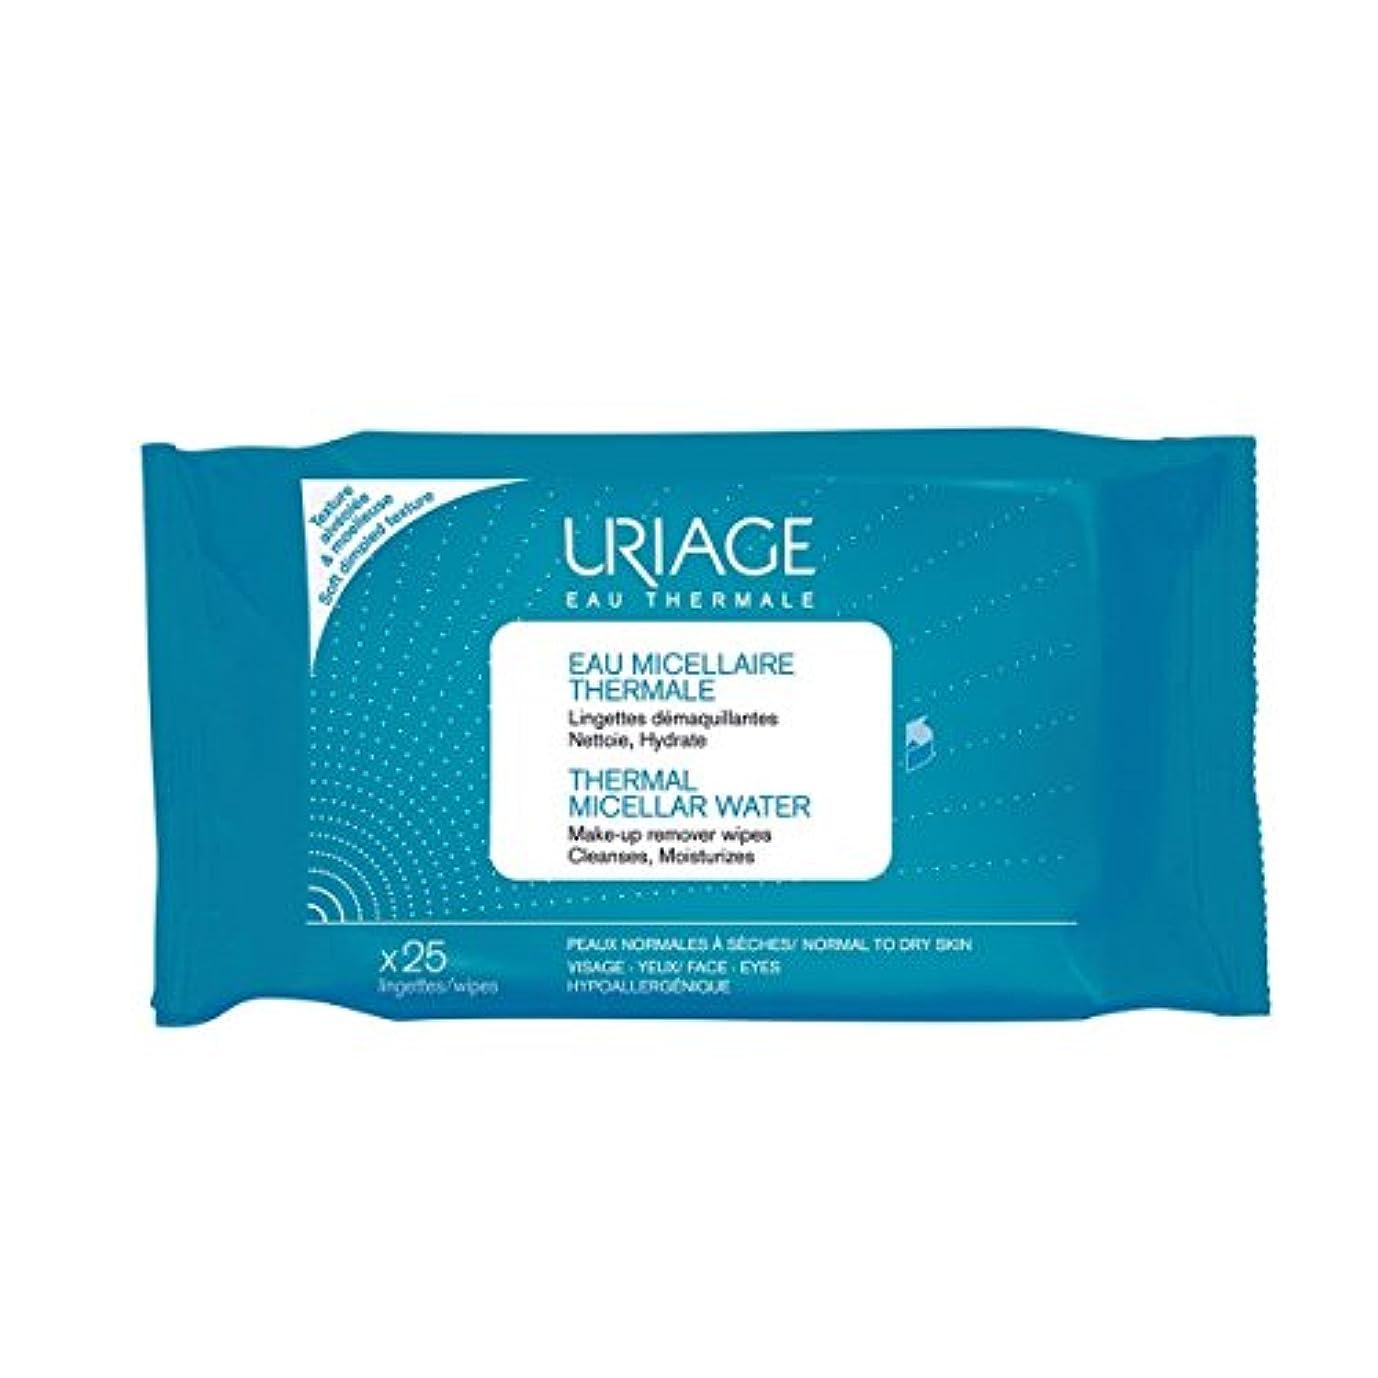 適用する大事にする報酬Uriage Thermal Micellar Water Make-up Remover Wipes X25 [並行輸入品]